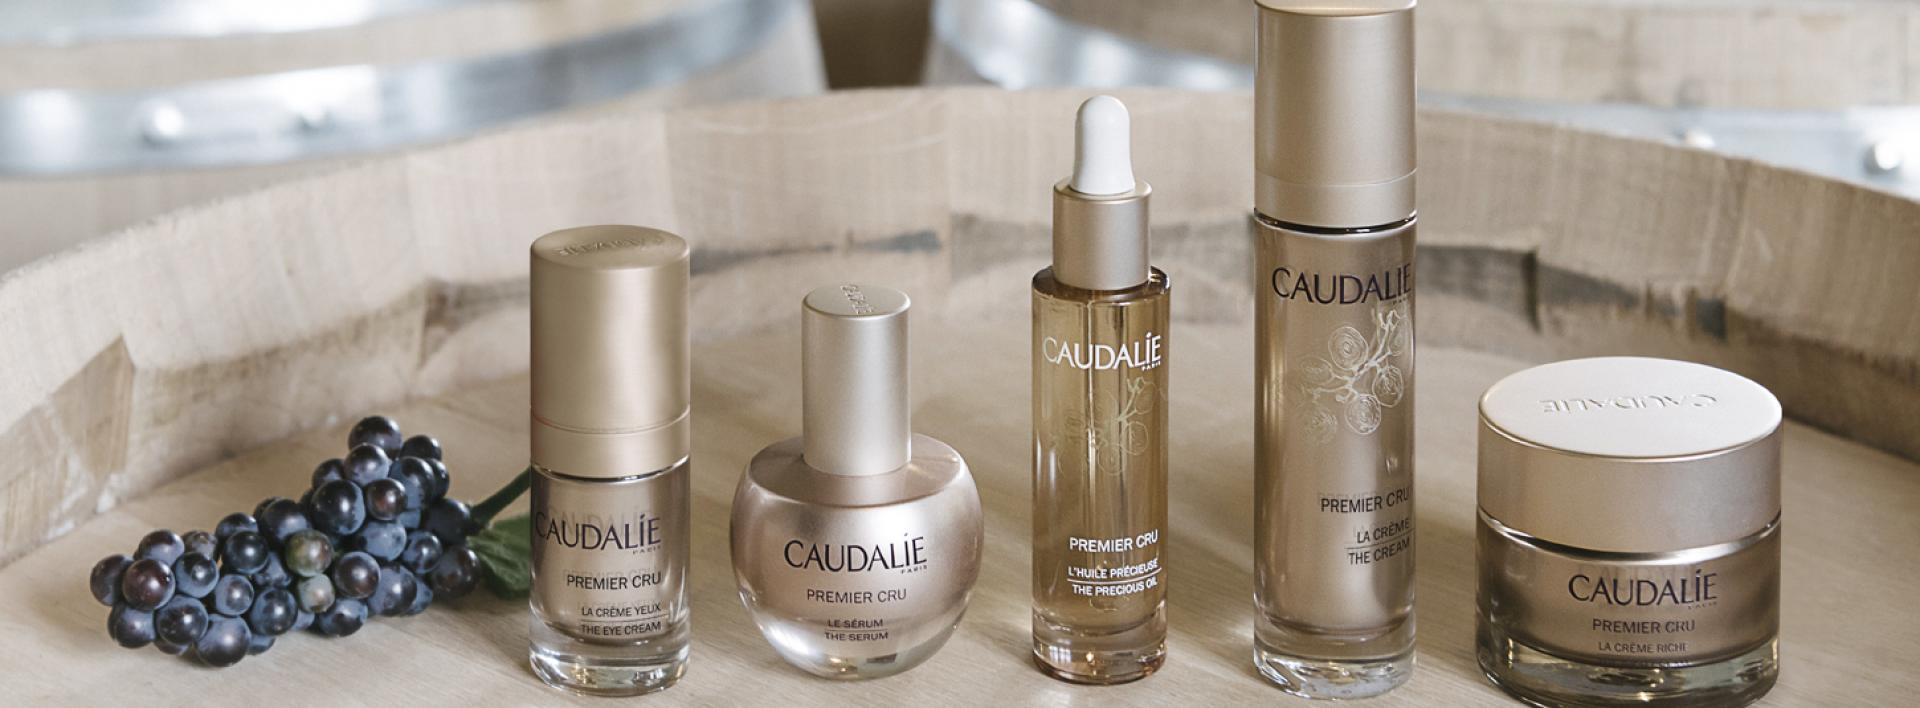 Caudalie Premier Cru - do linii dołącza nowe serum z technologią Vinergy |  Wirtualne Kosmetyki